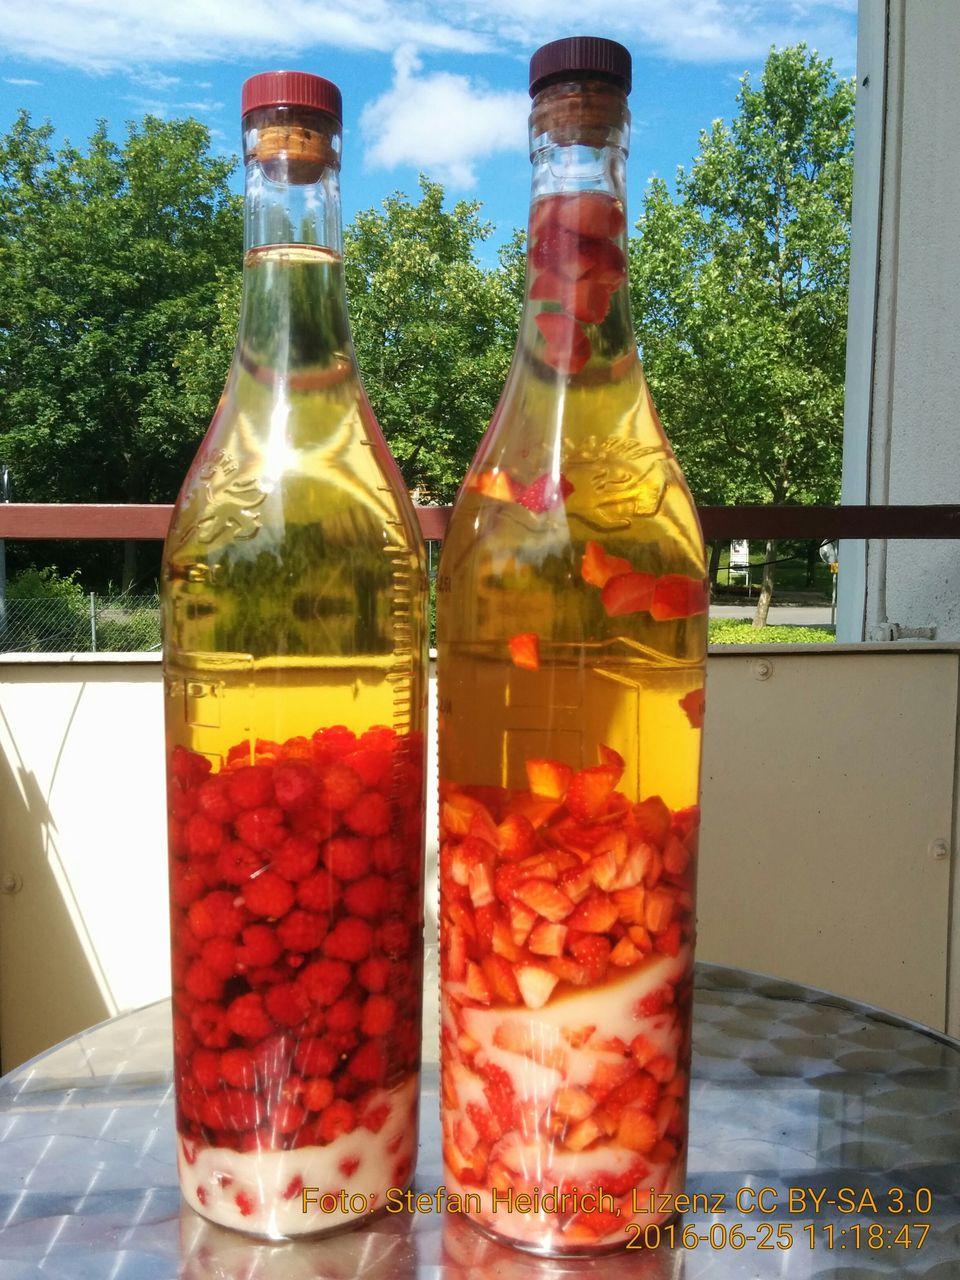 Rezepte Erdbeer-Himbeerlikoer